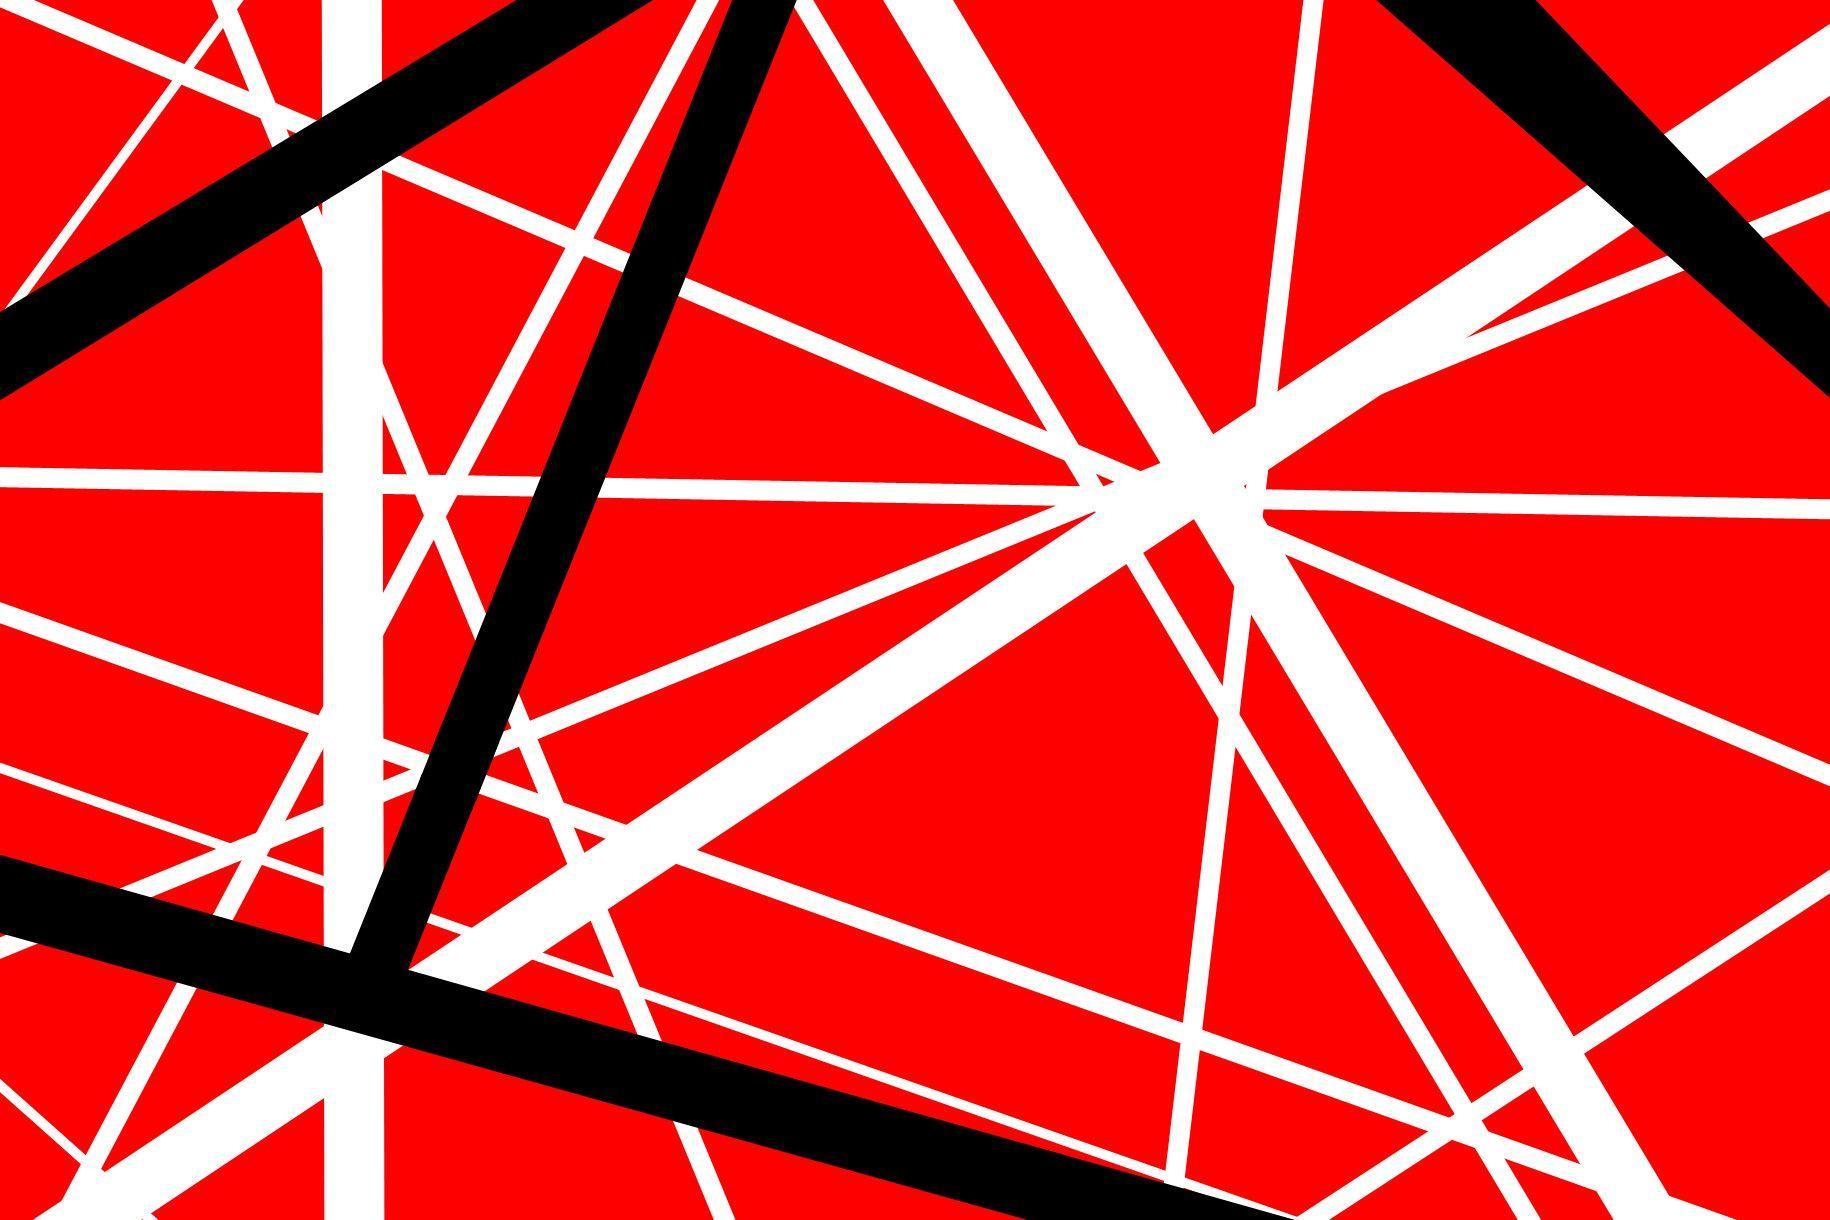 Van Halen Wallpapers 1830x1220